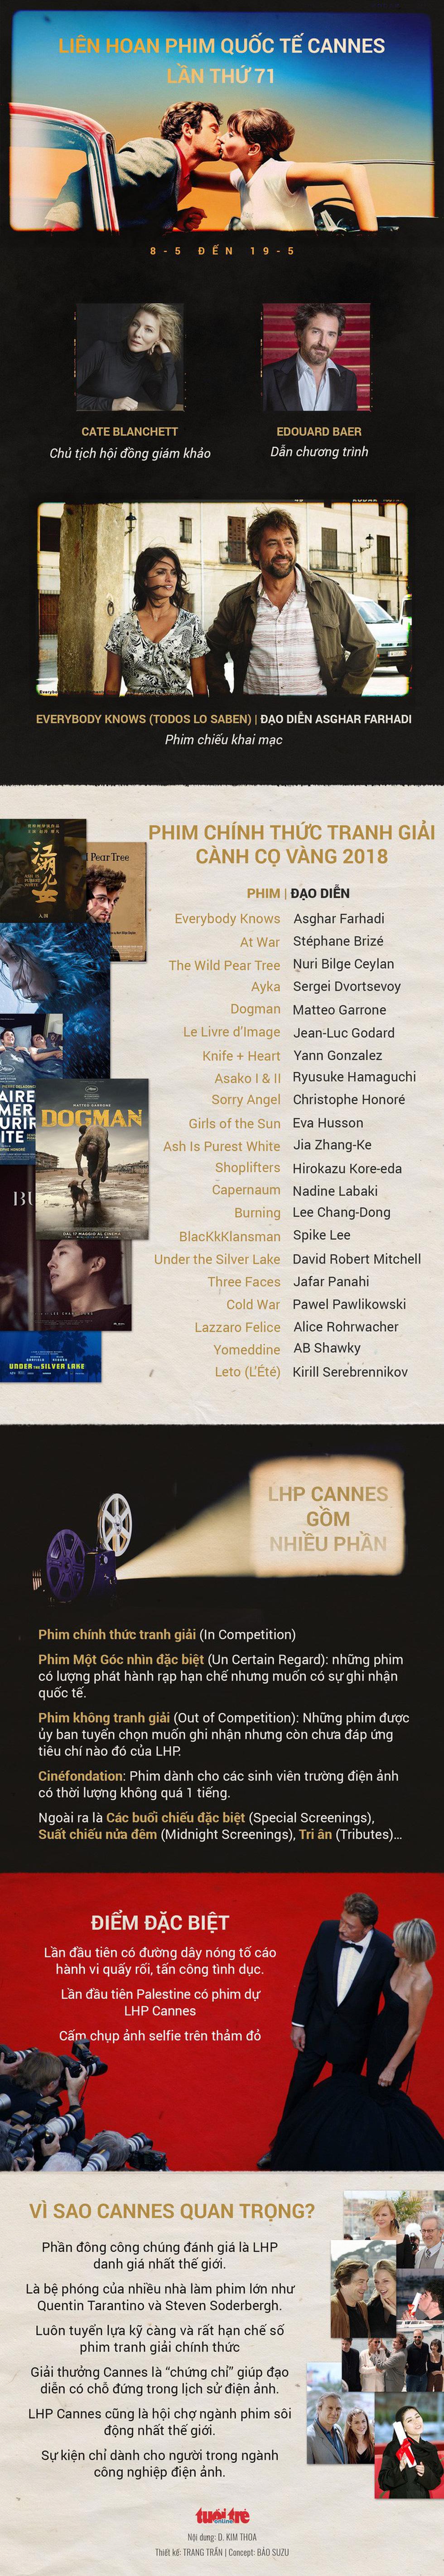 Lịch sử Cannes chỉ có 8 Cành Cọ Vàng cho phim châu Á - Ảnh 17.